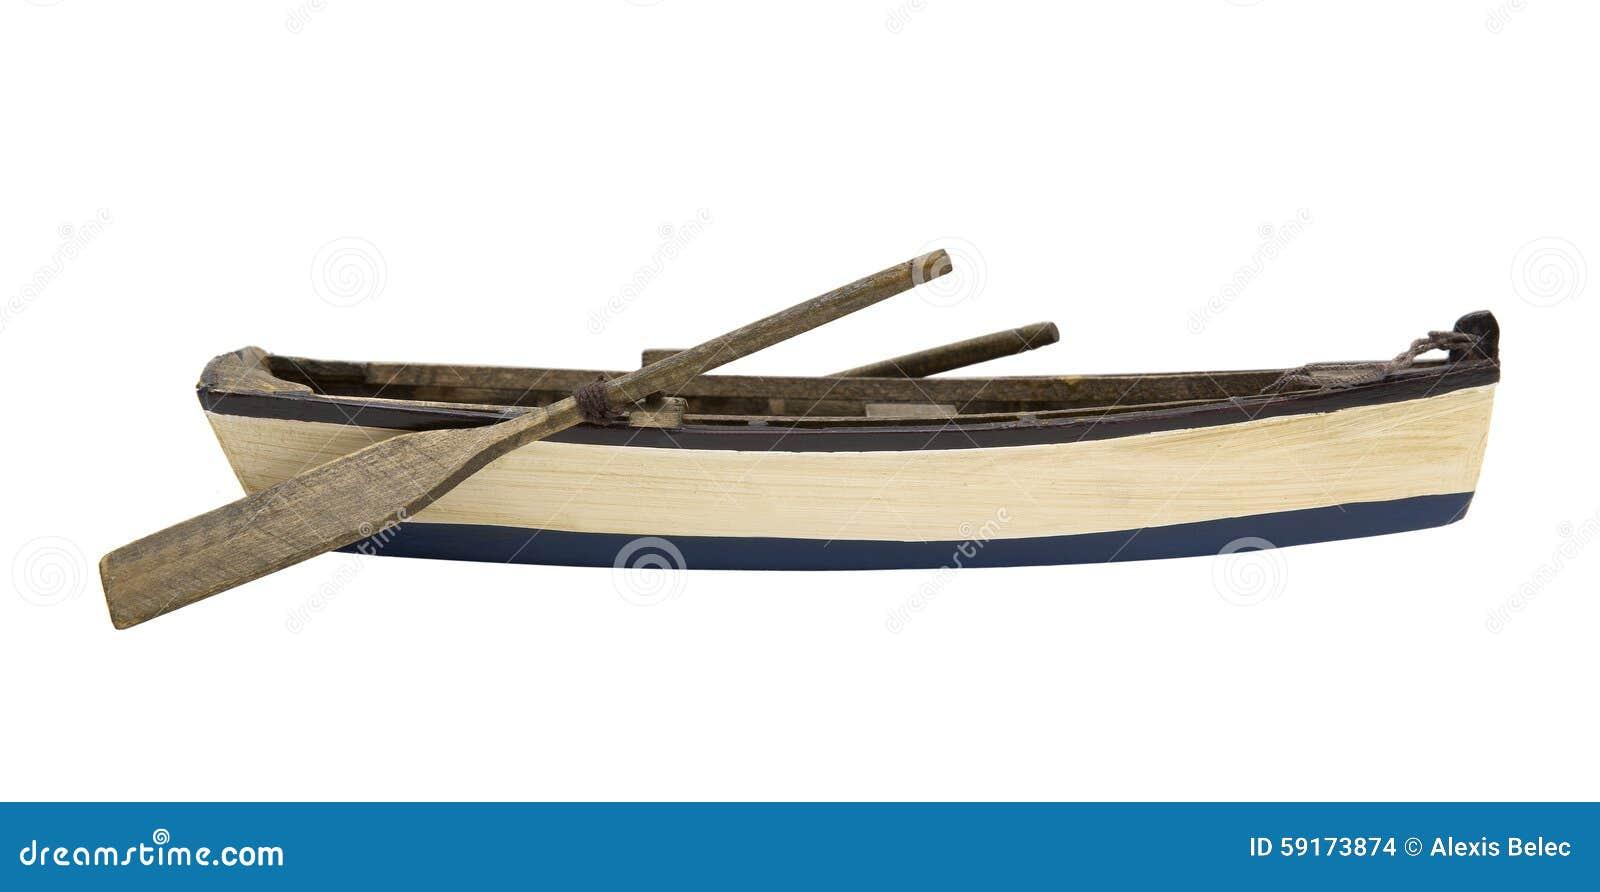 Wooden paddle boat stock photo. Image of marine, boat - 59173874